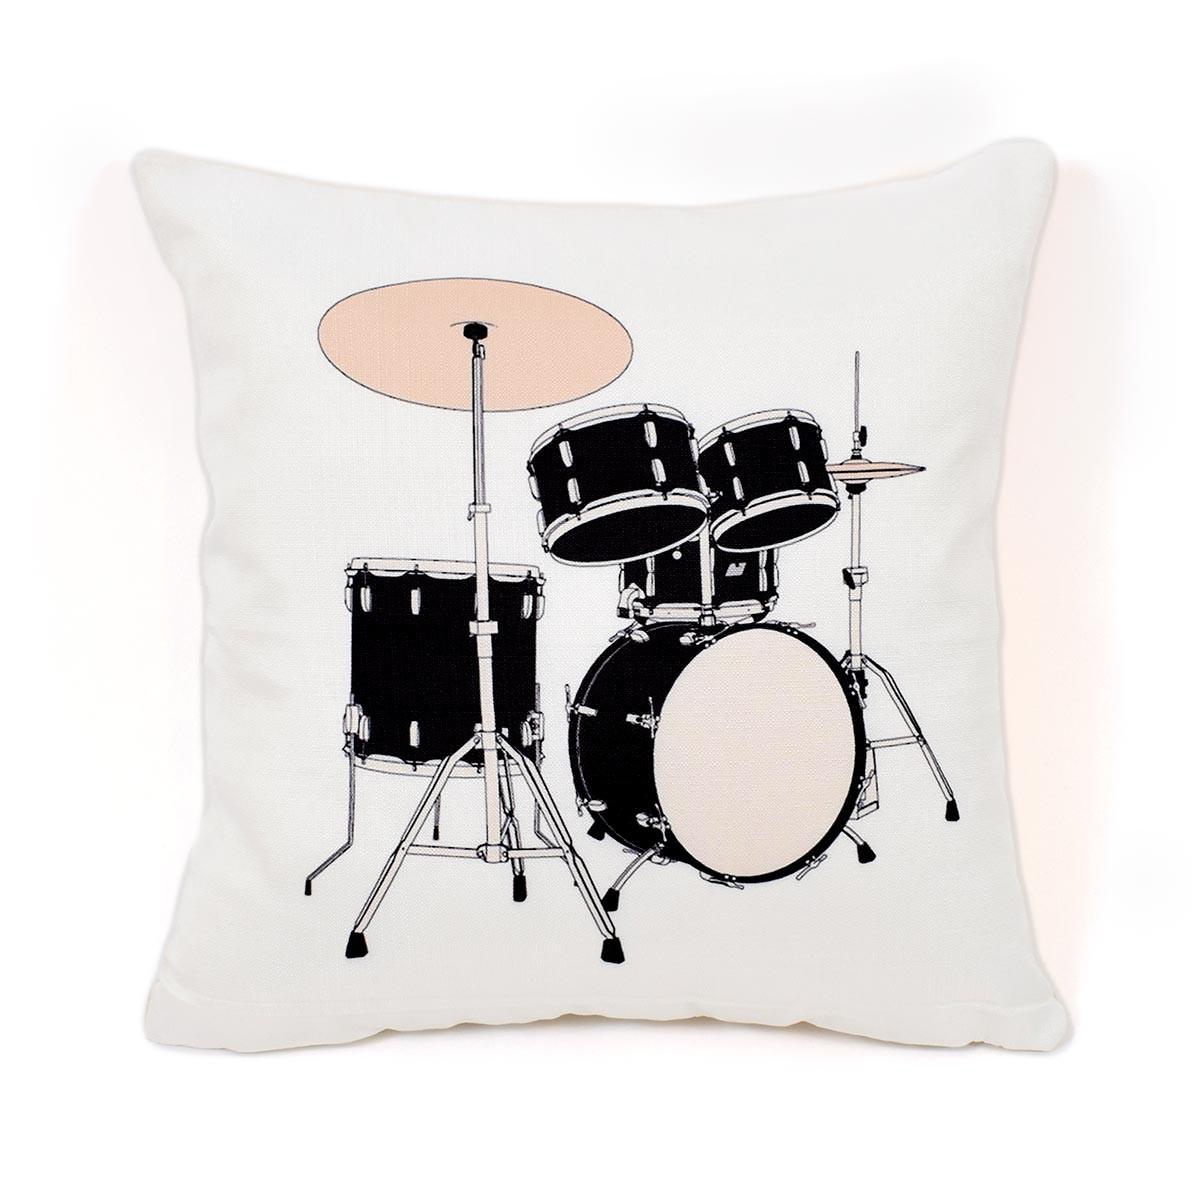 Διακοσμητική Μαξιλαροθήκη Drum Kit